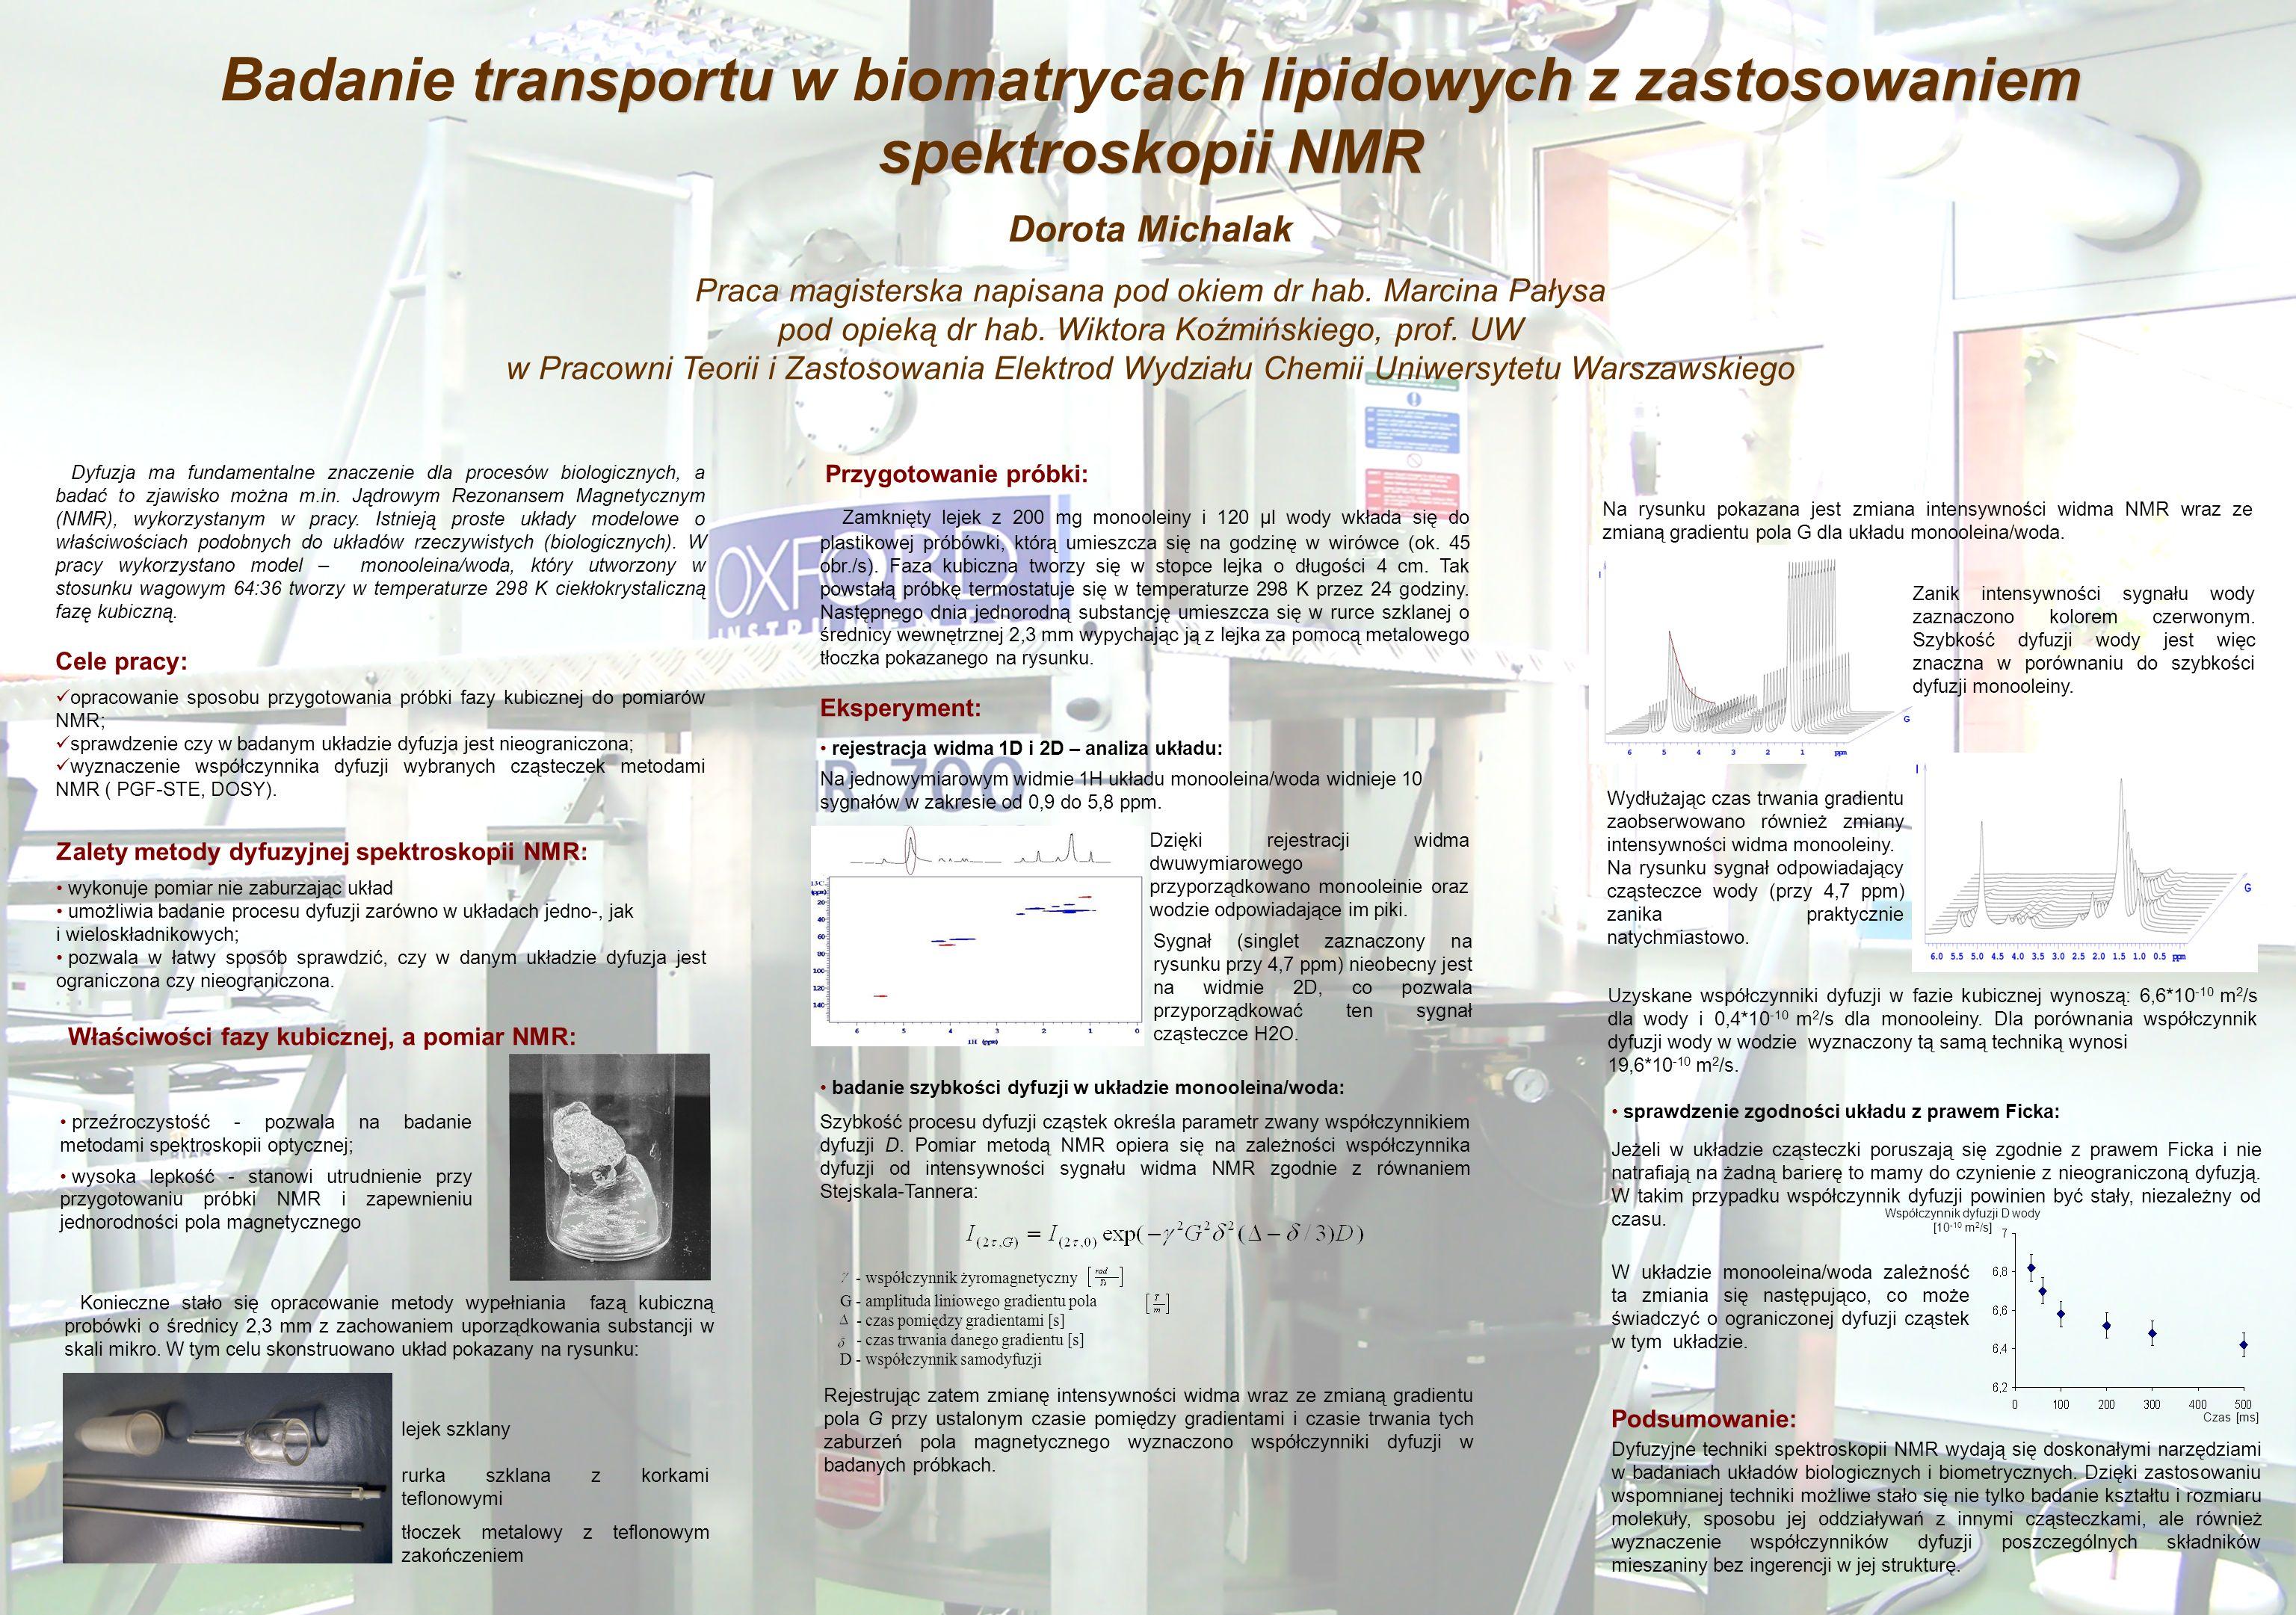 transportulipidowych z zastosowaniem spektroskopii NMR Badanie transportu w biomatrycach lipidowych z zastosowaniem spektroskopii NMR Dorota Michalak